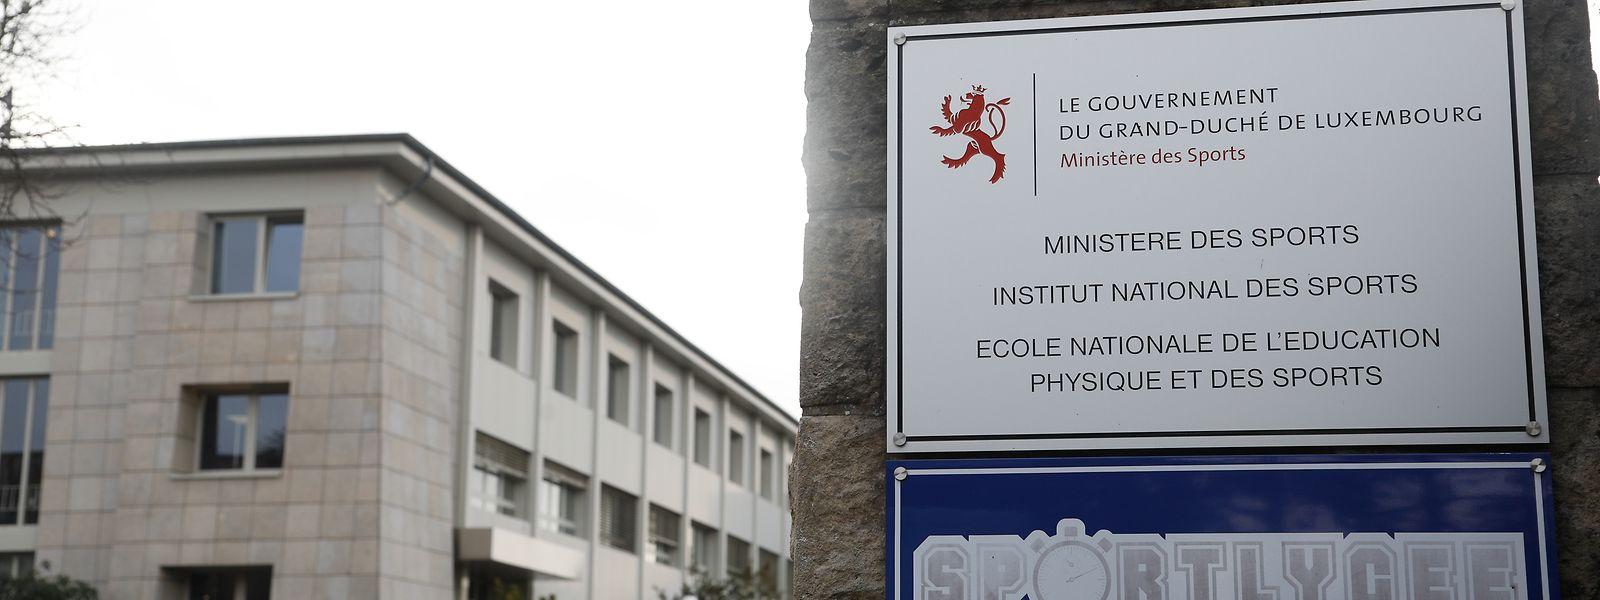 Im Falle der nationalen Sportschule ENEPS ist Sportminister Dan Kersch bereit, seinen Gesetzentwurf anzupassen.